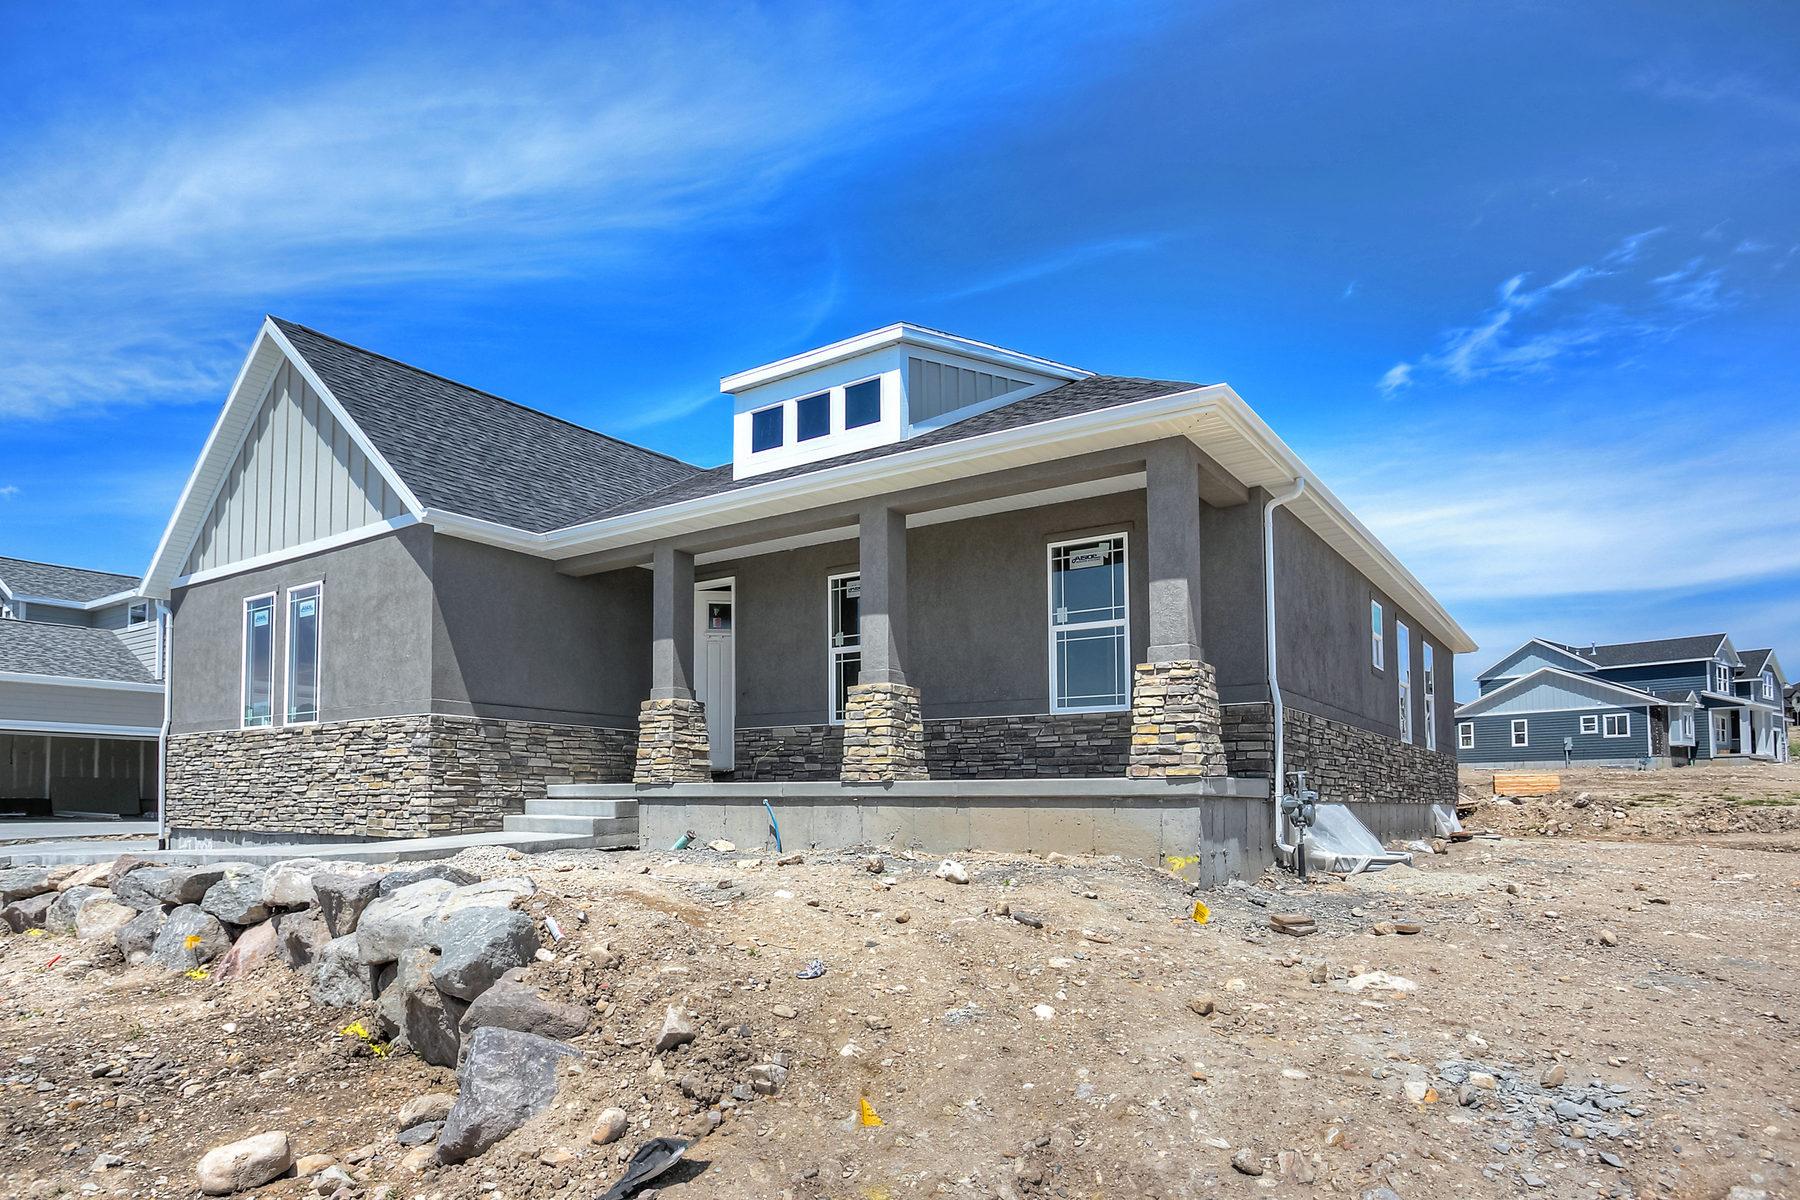 Casa Unifamiliar por un Venta en Maple Hills Elkhorn Plan 6522 West 7735 South West Jordan, Utah 84081 Estados Unidos